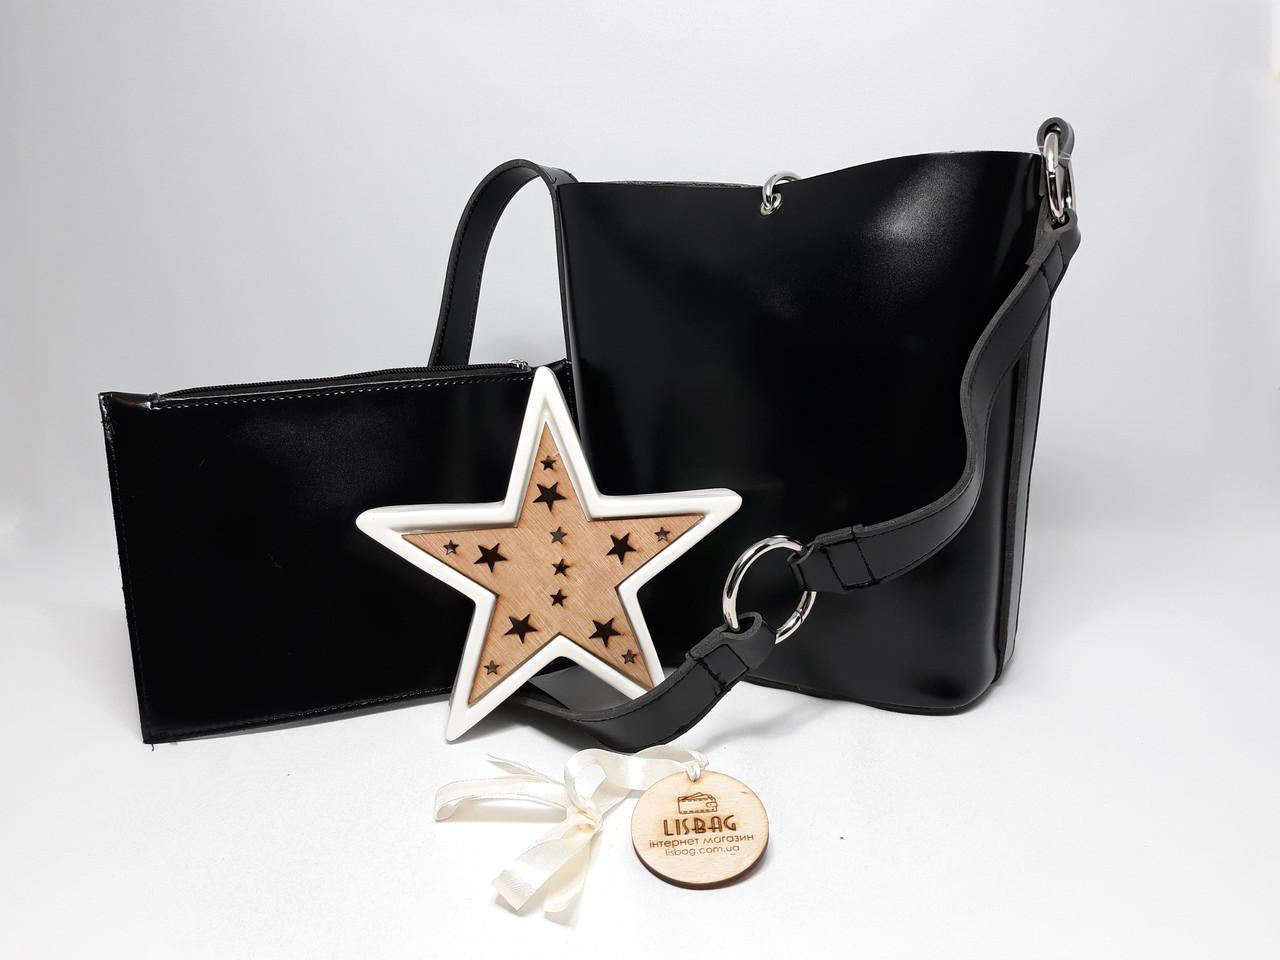 5ebb882ca83d Женская вместительная сумка мешок на плечо новинка, гладкая на ощупь Черная  - Интернет магазин Lisbag